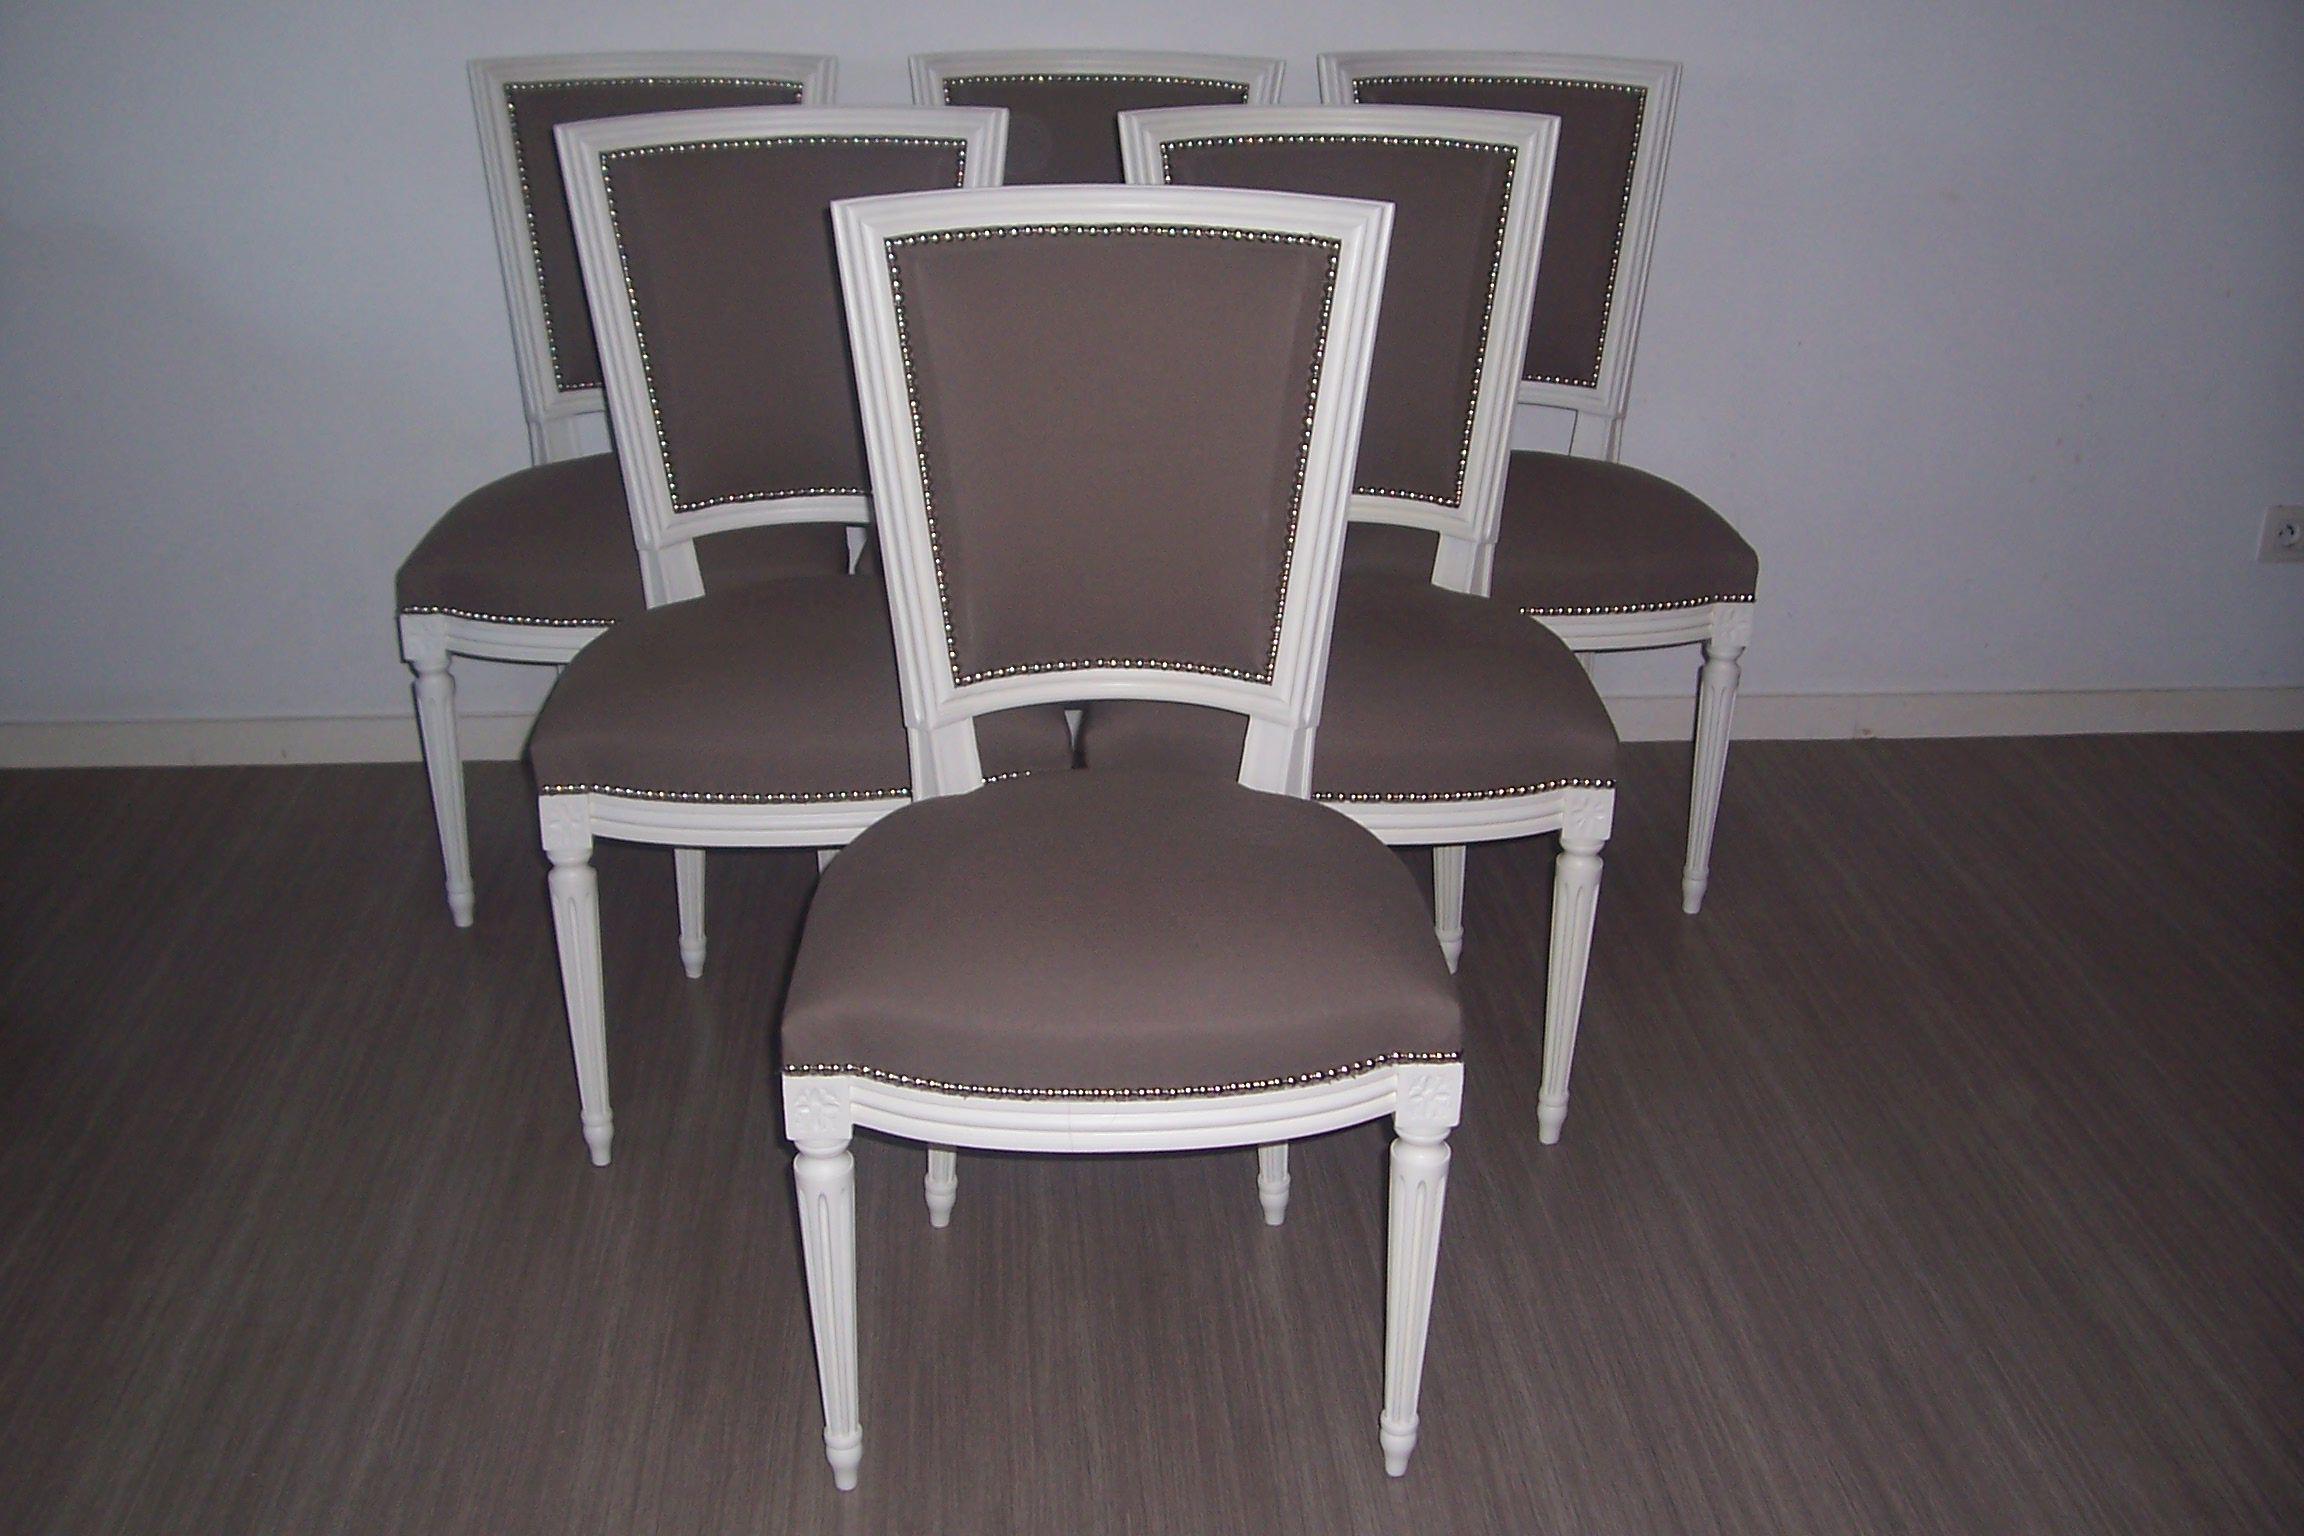 chaises de style louis xvi couleur taupe | relooking meubles ajh